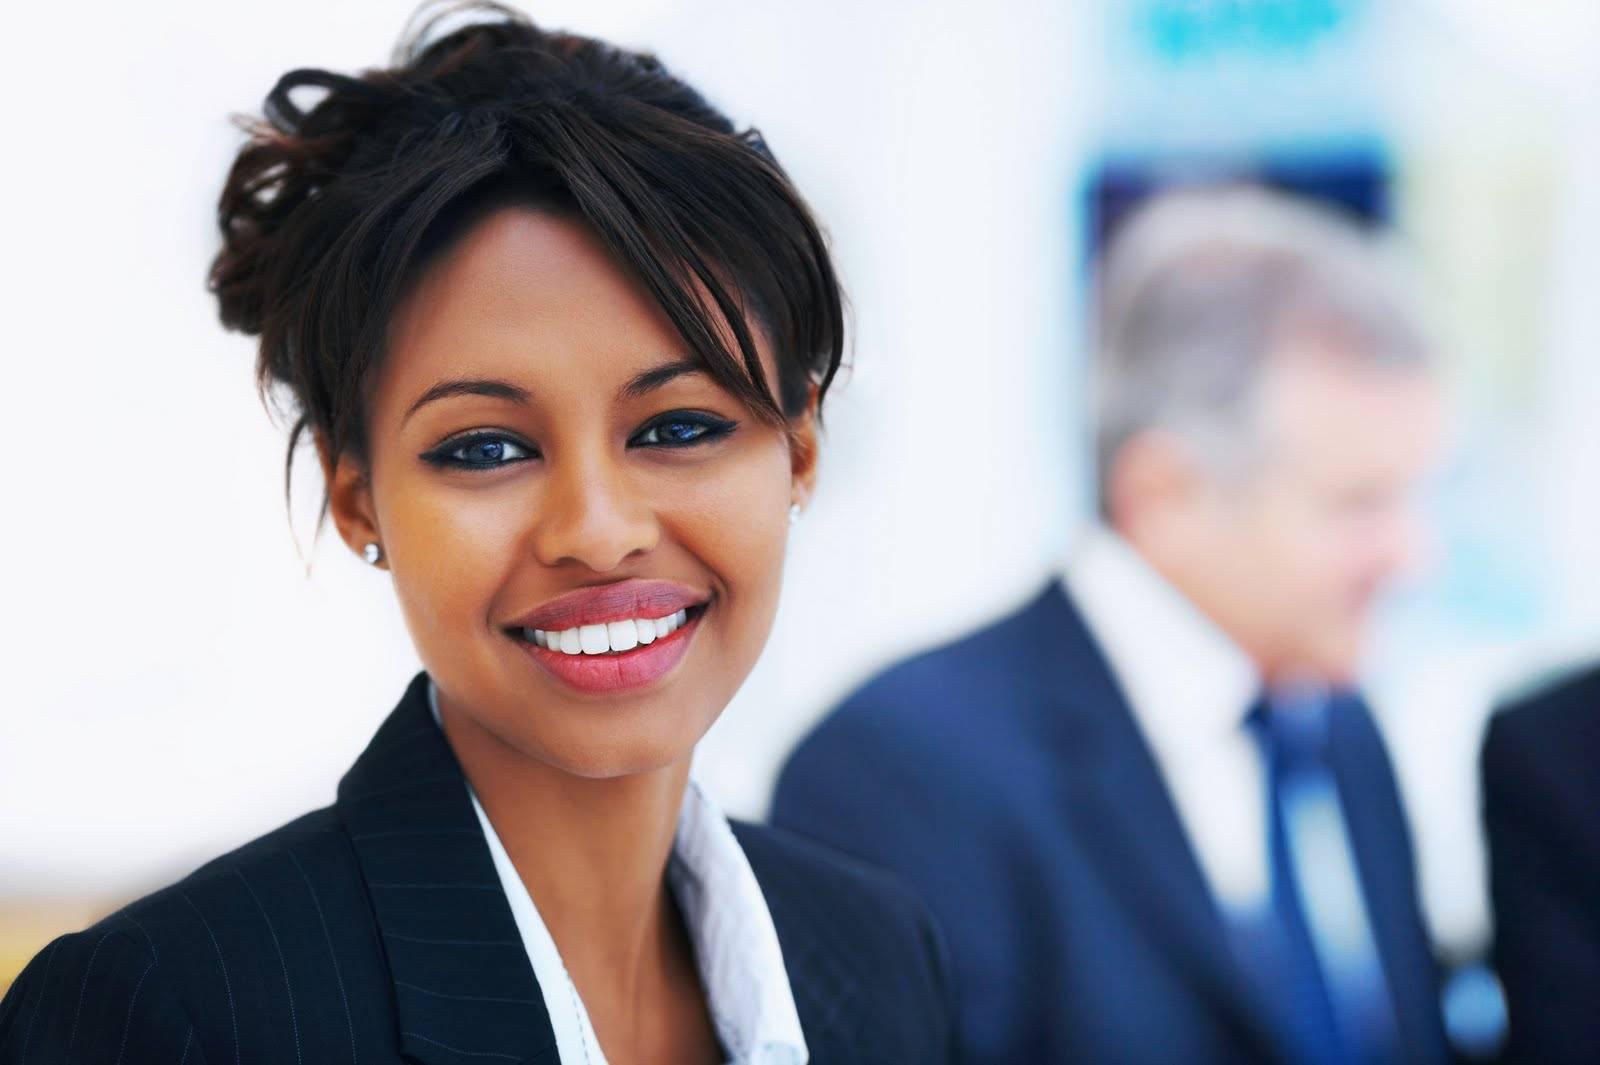 As mulheres estão engravidando mais tarde, por estão se realizando primeiro no mercado de trabalho.